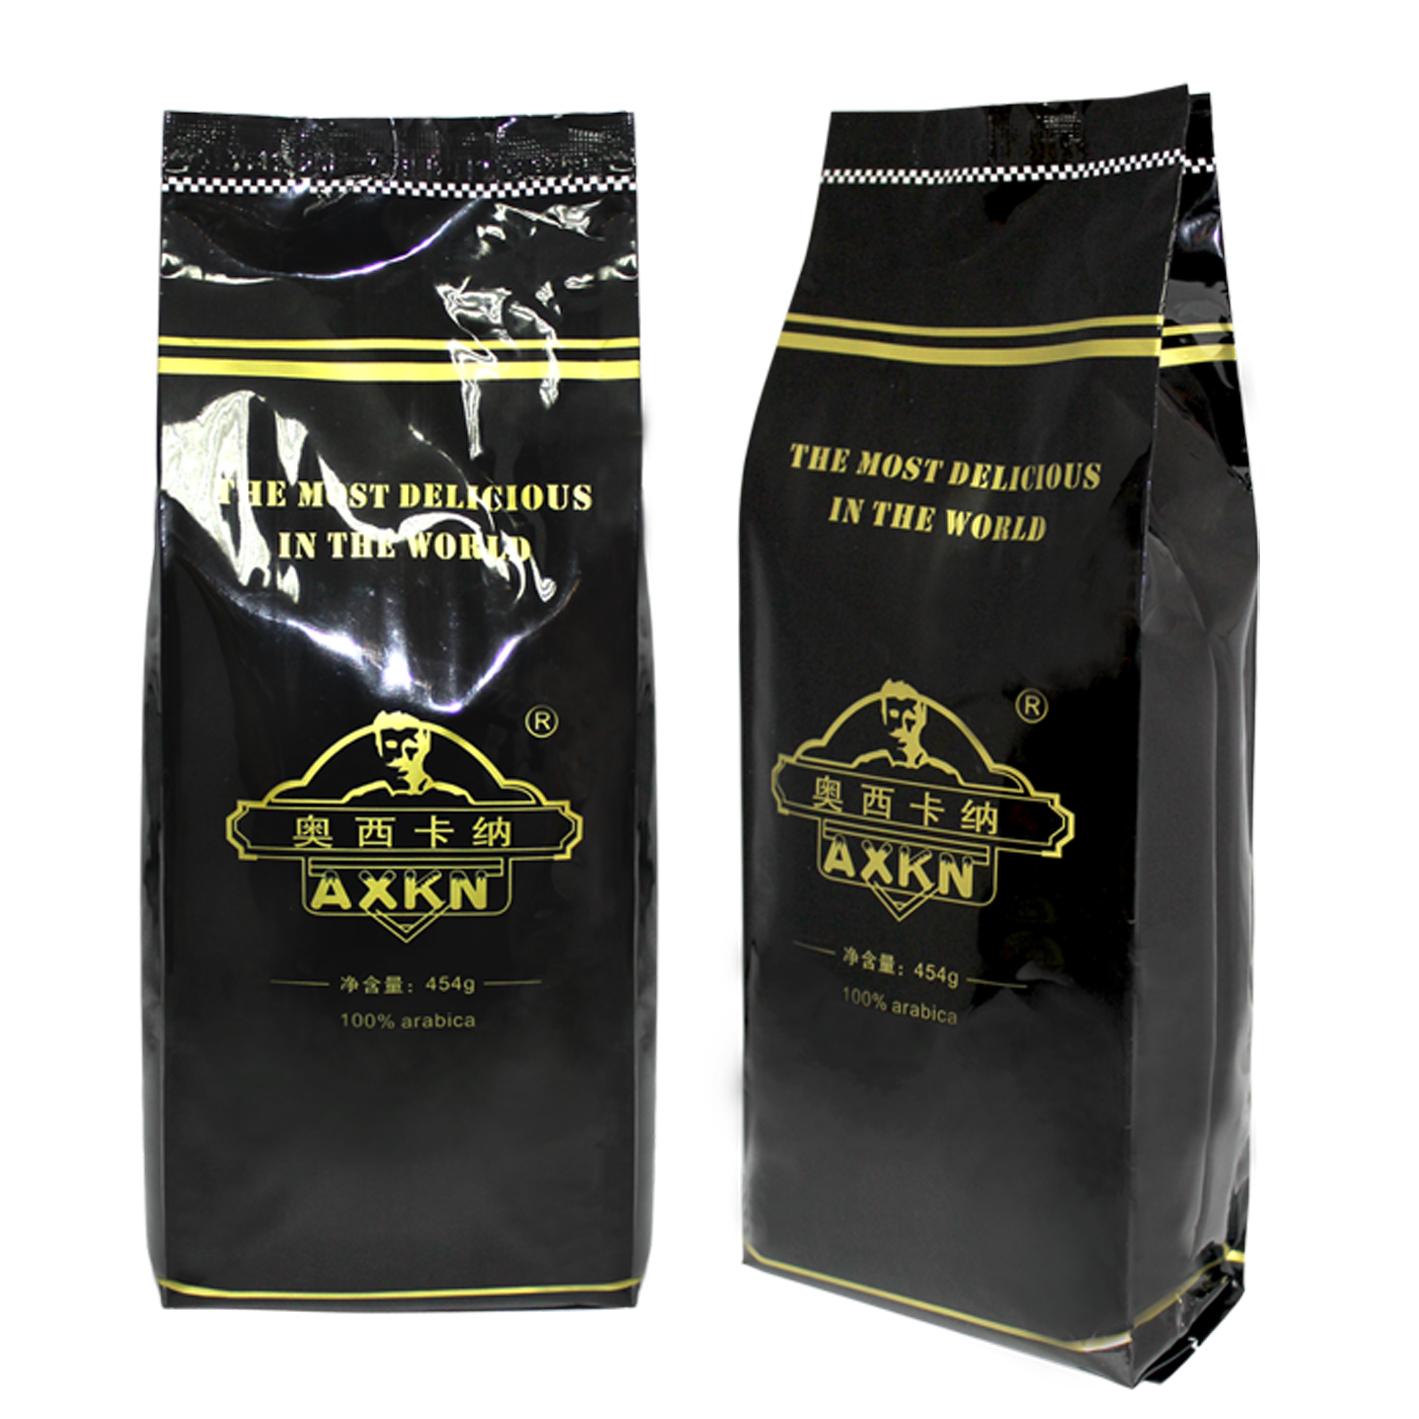 肯尼亚风味咖啡豆(特供级)